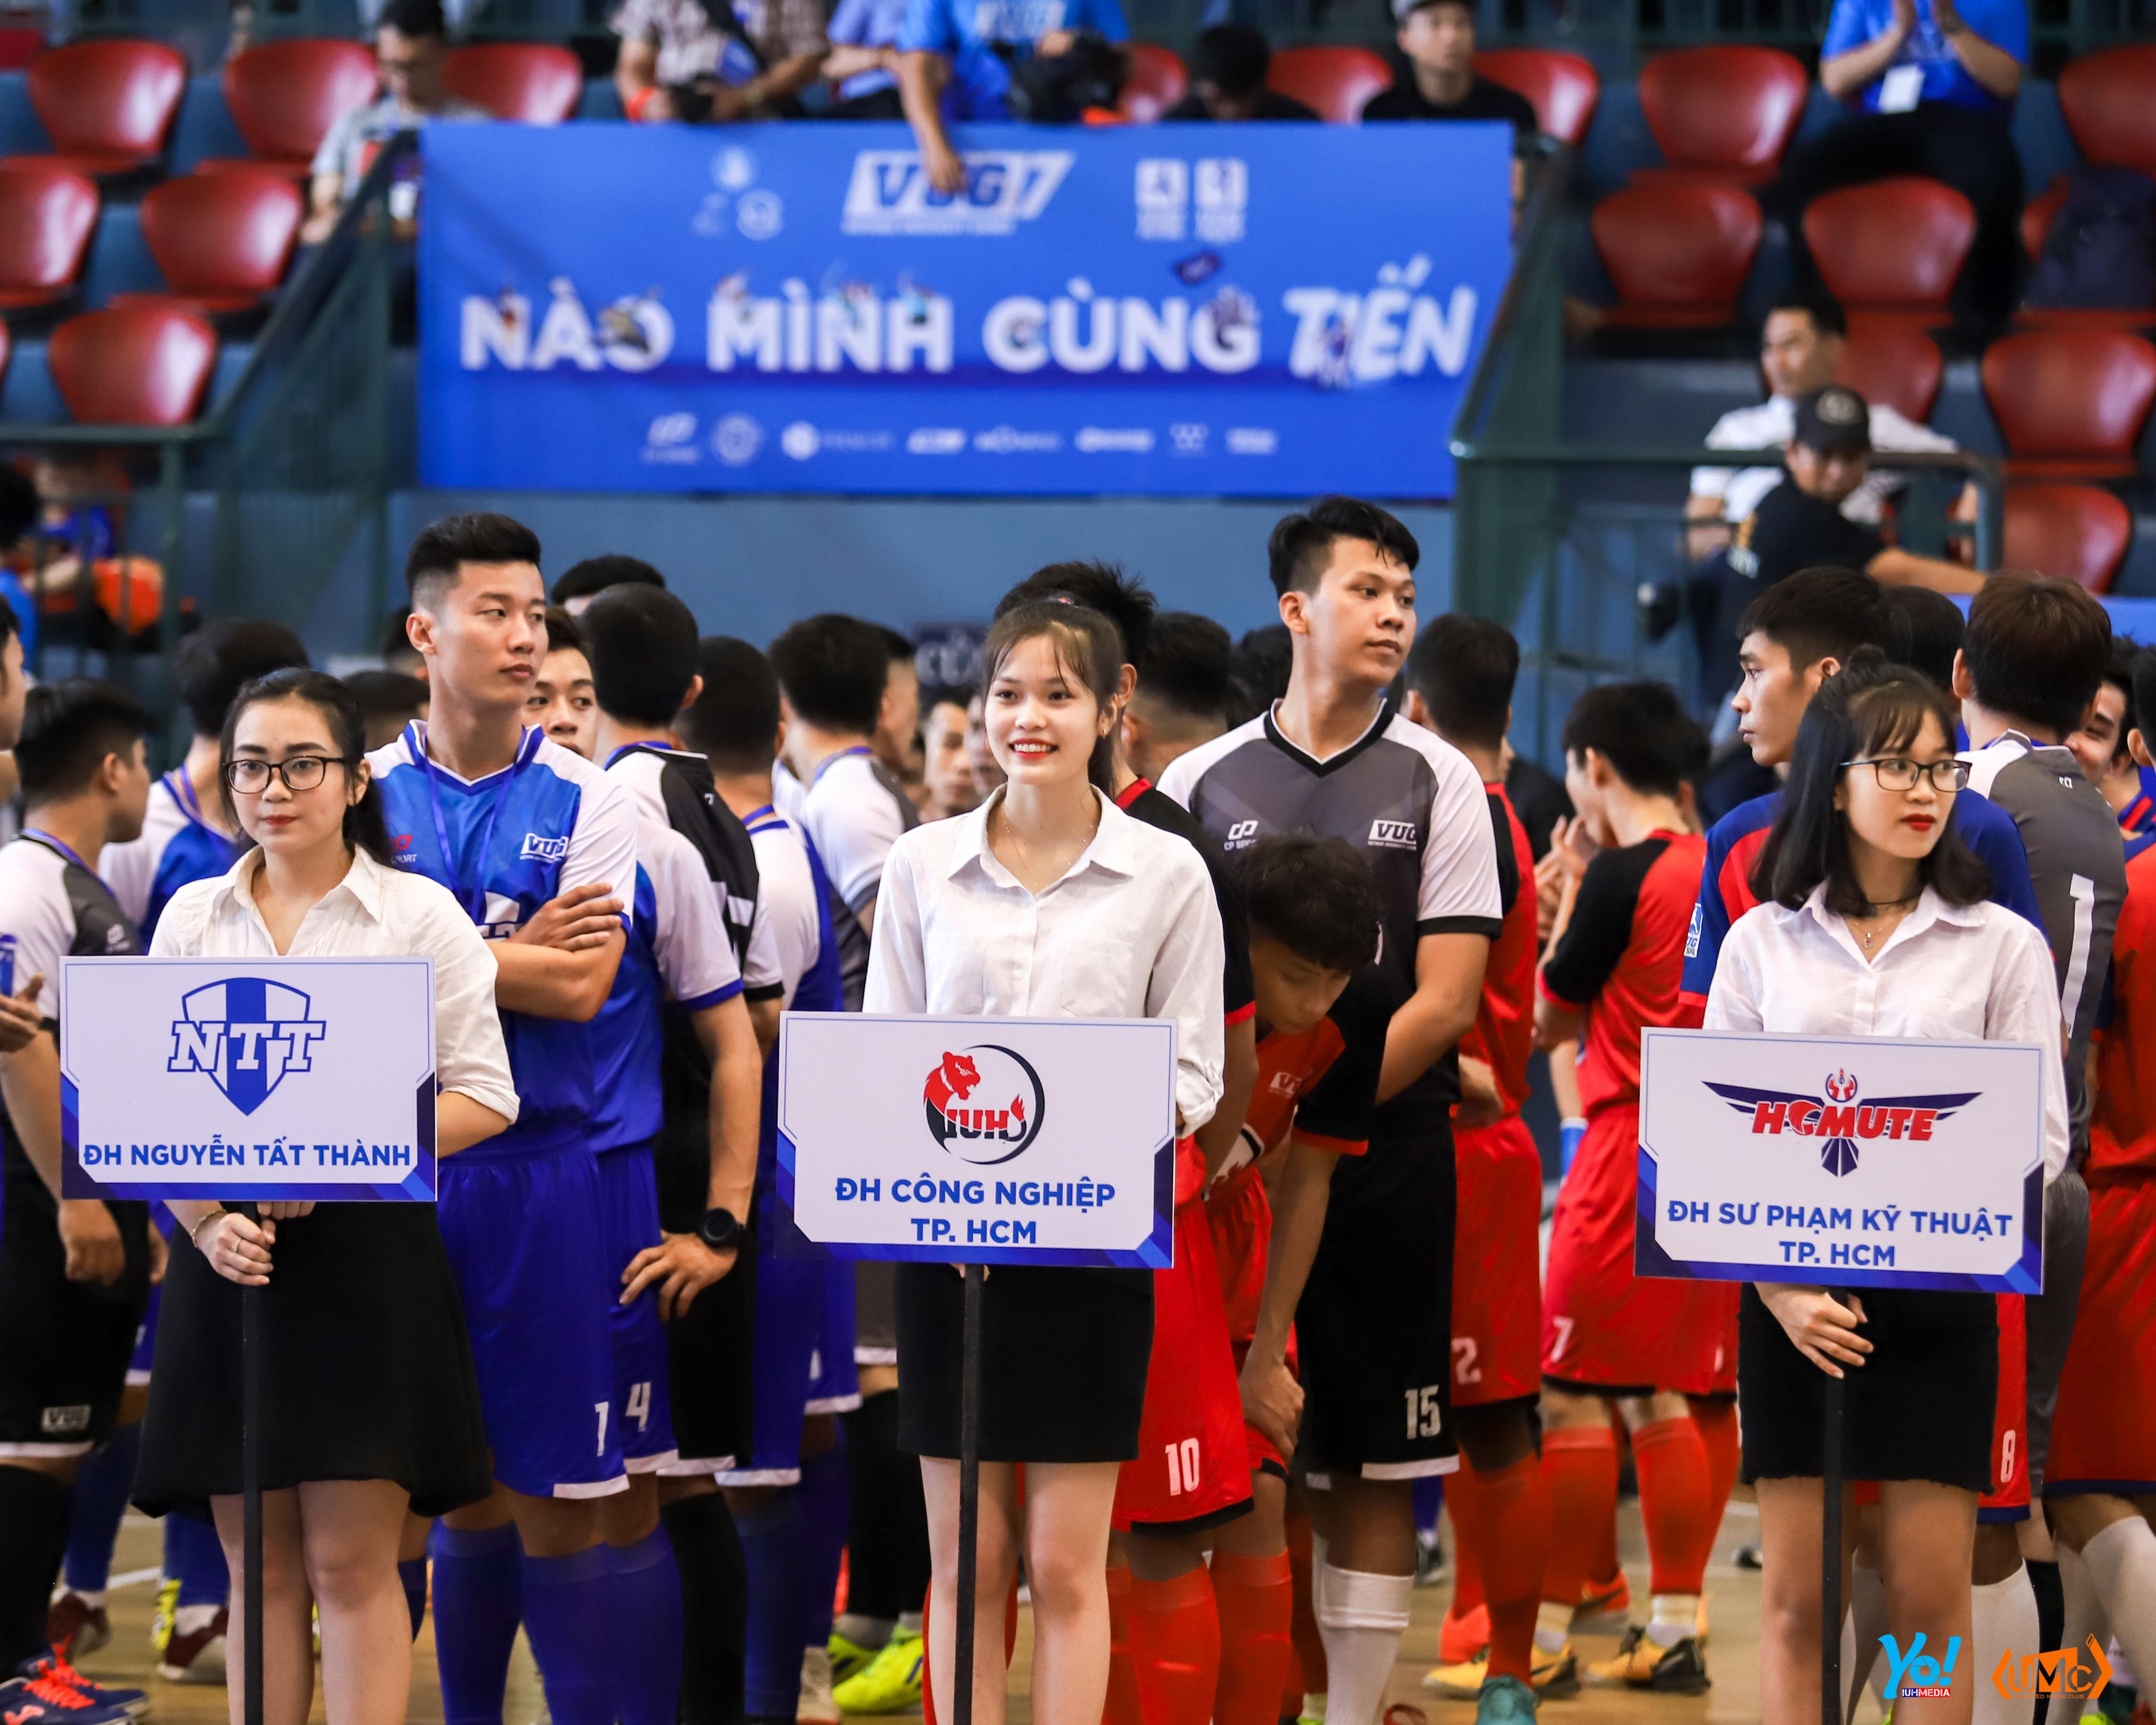 Sôi động lễ khai mạc giải thể thao sinh viên Việt Nam VUG 2019 – Nơi sức trẻ được thử thách